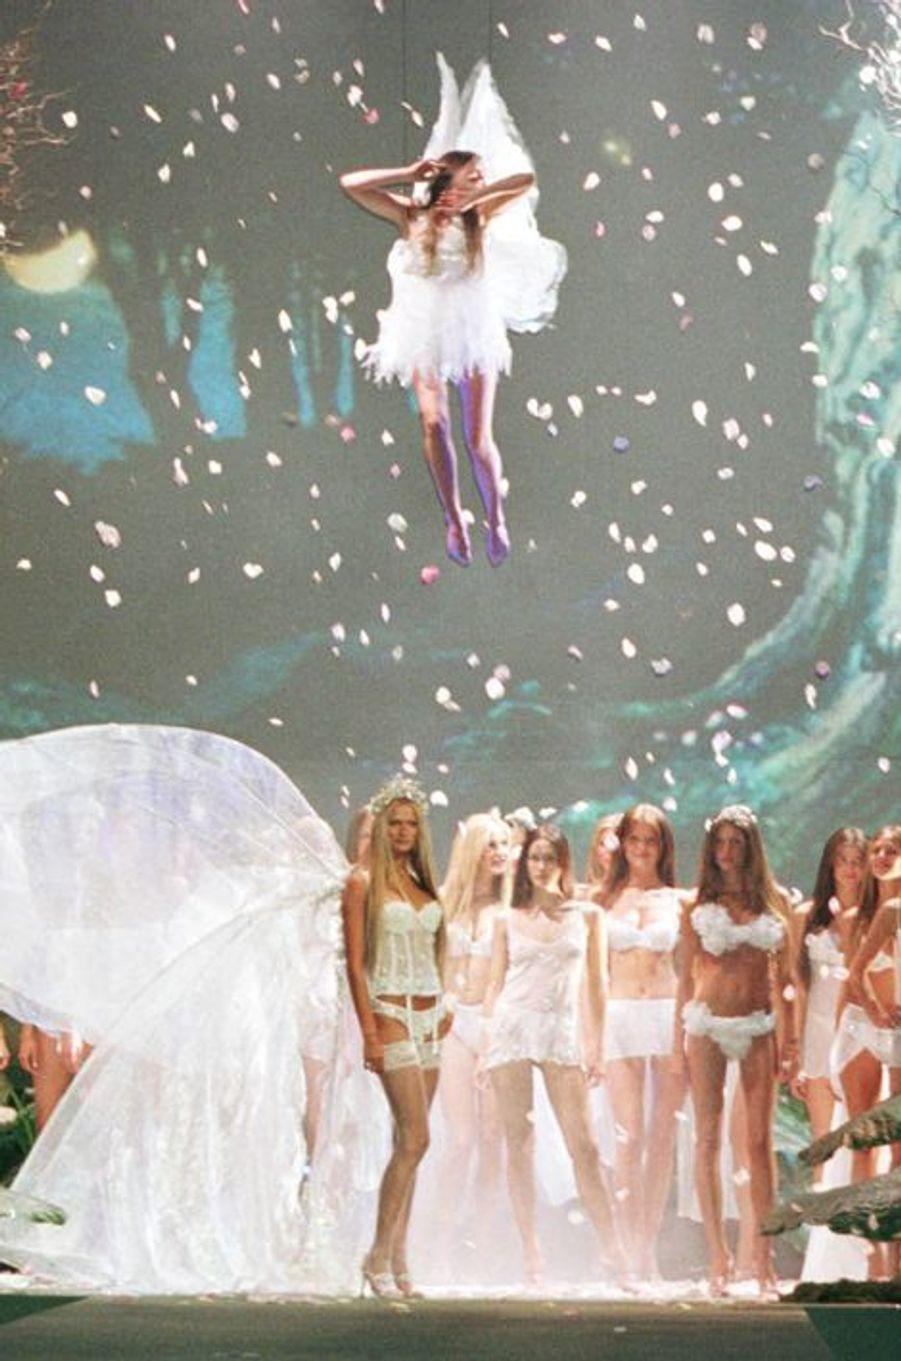 Le défilé de la marque Victoria's Secret en 1999 à New York.